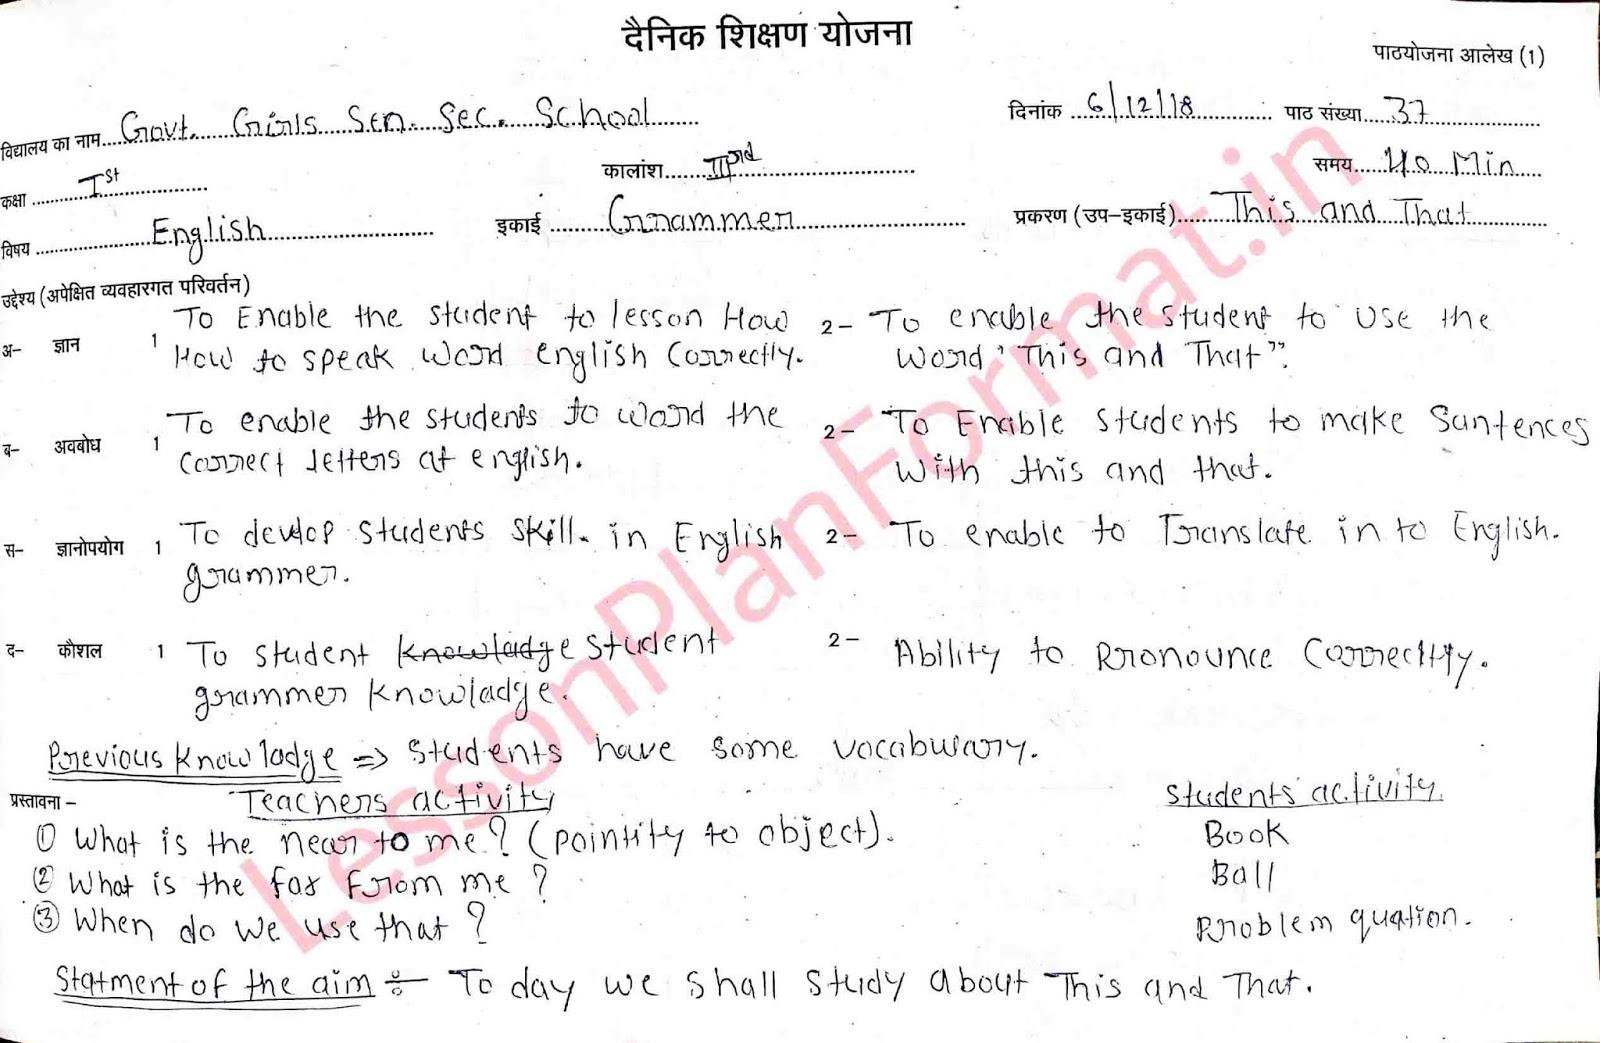 English Grammar Lesson Plan | B. Ed | D. El. Ed.